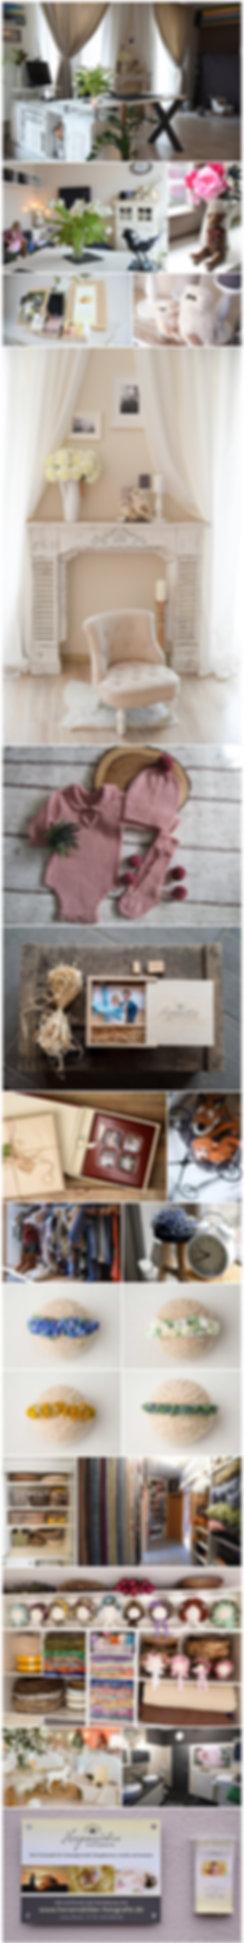 Herzensbilder Fotografie Halle Studio Ba